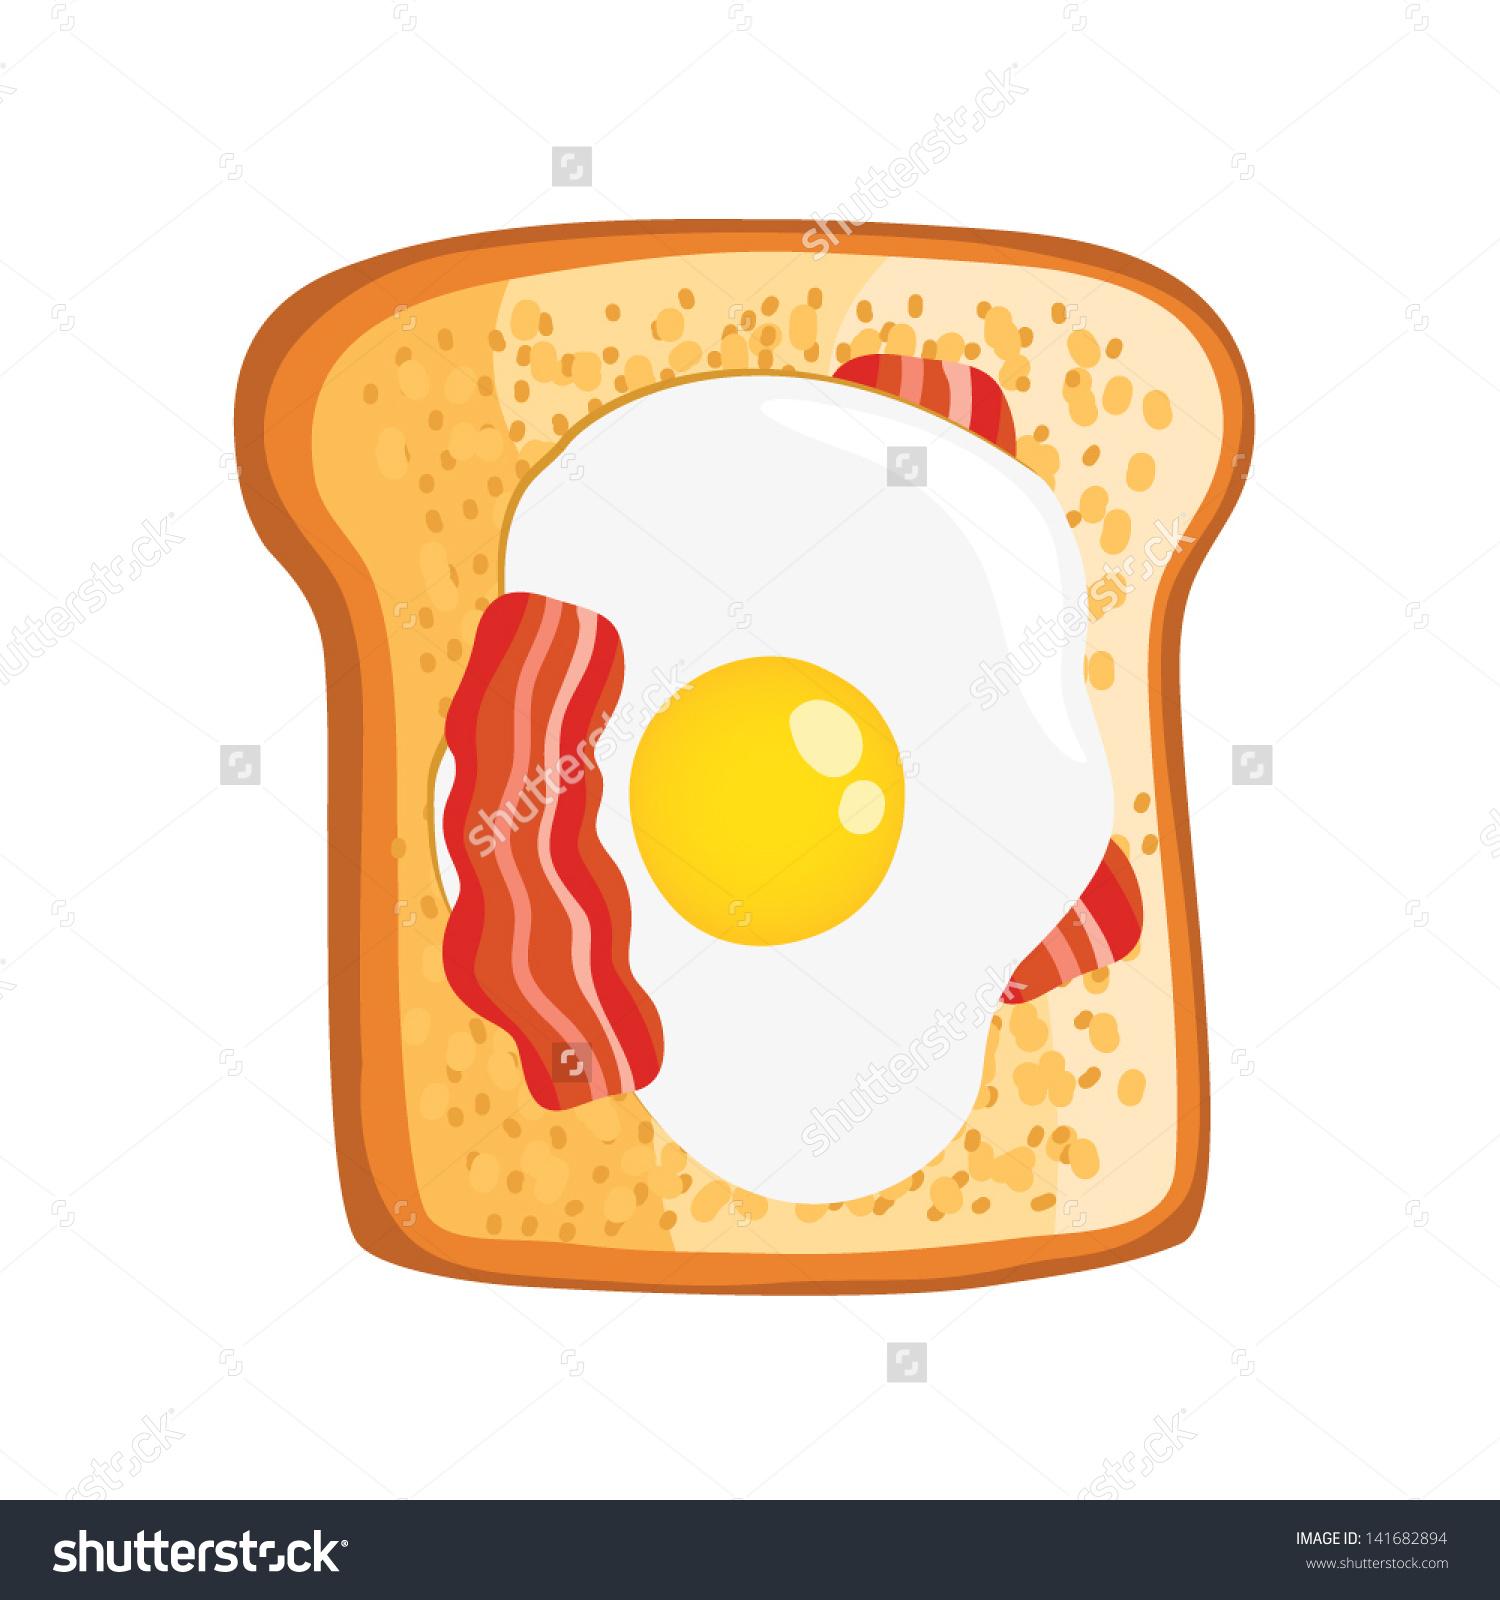 Fried Egg clipart free breakfast Fried Bacon sandwich Bacon Cartoon